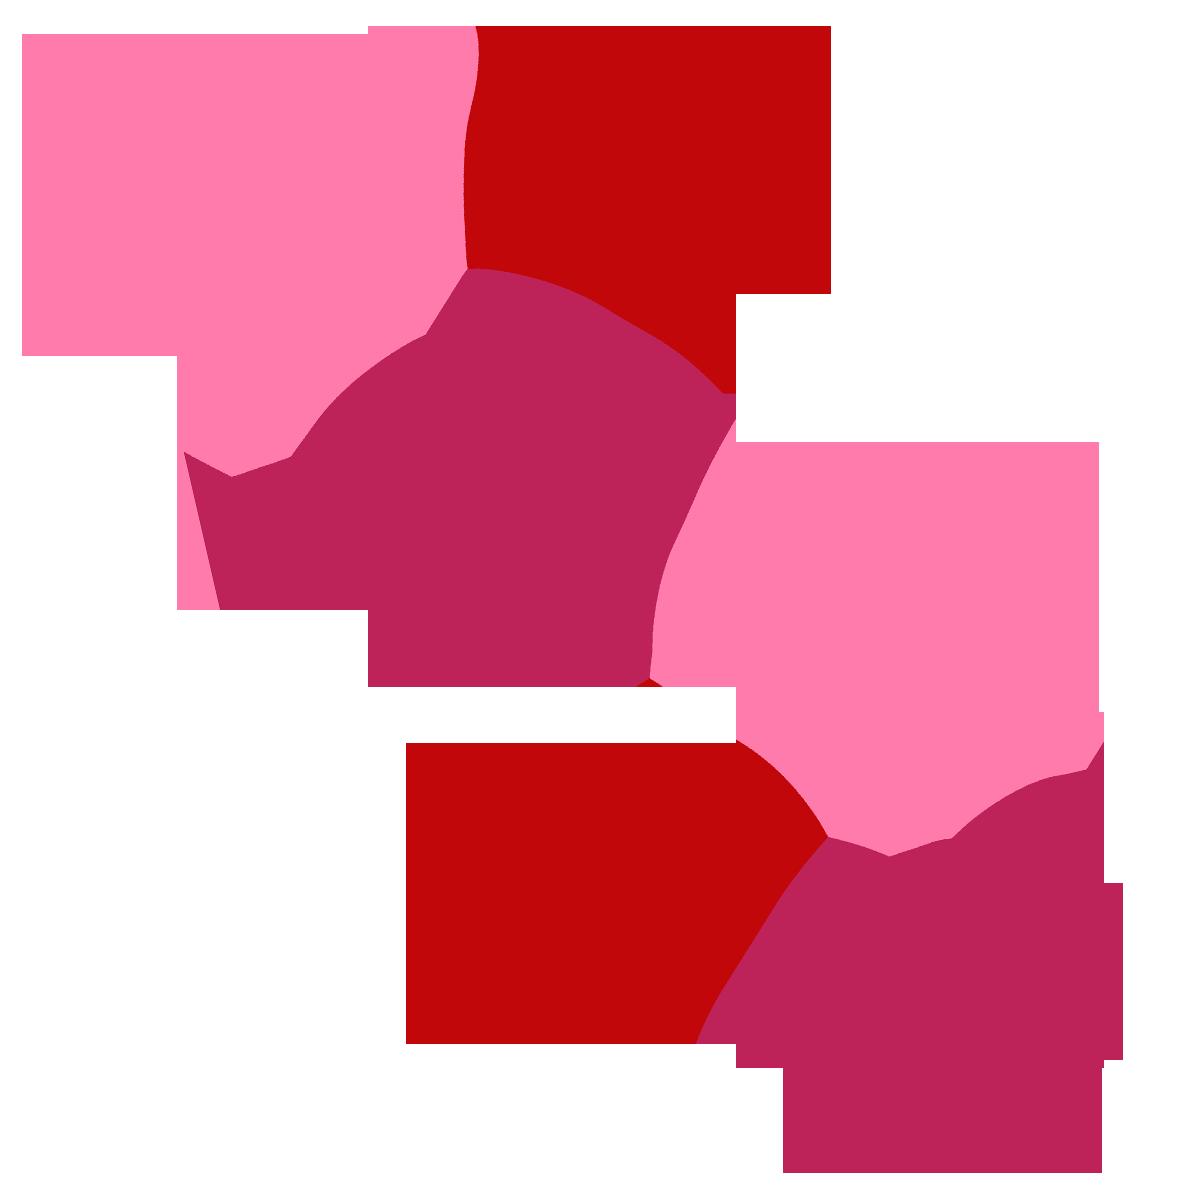 Valentines Heart Clip Art .-Valentines Heart Clip Art .-15